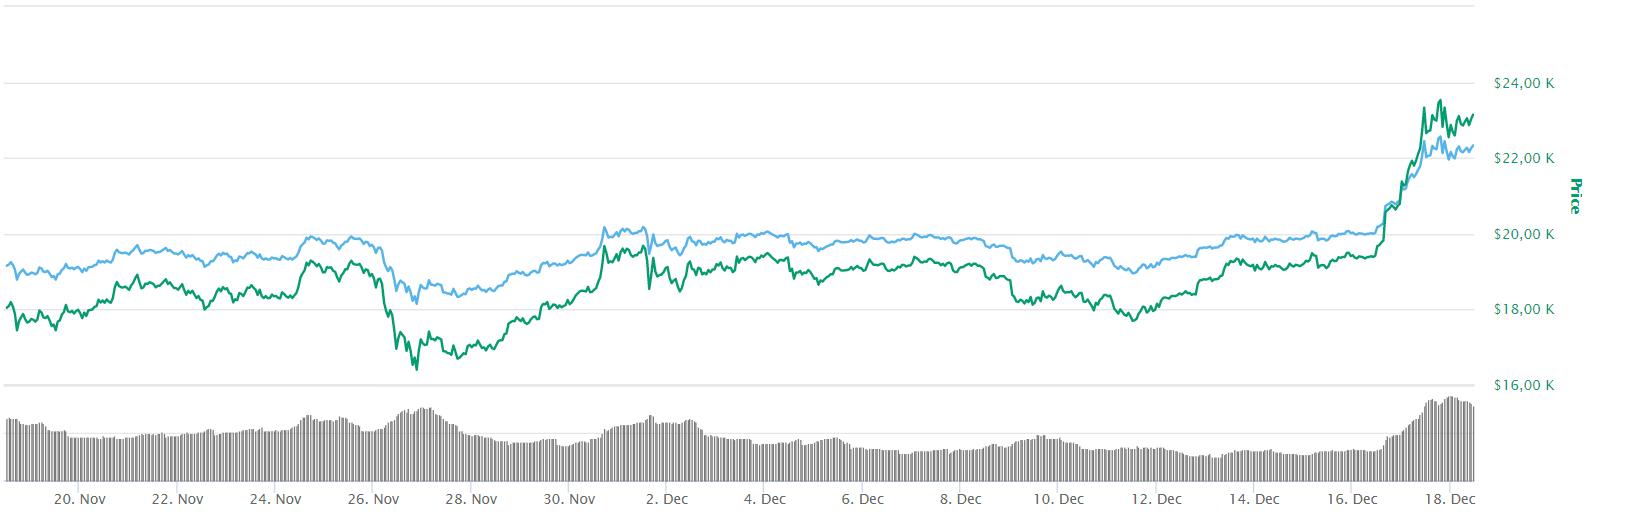 Главная цифровая валюта торговалась на уровне 23 075 долларов